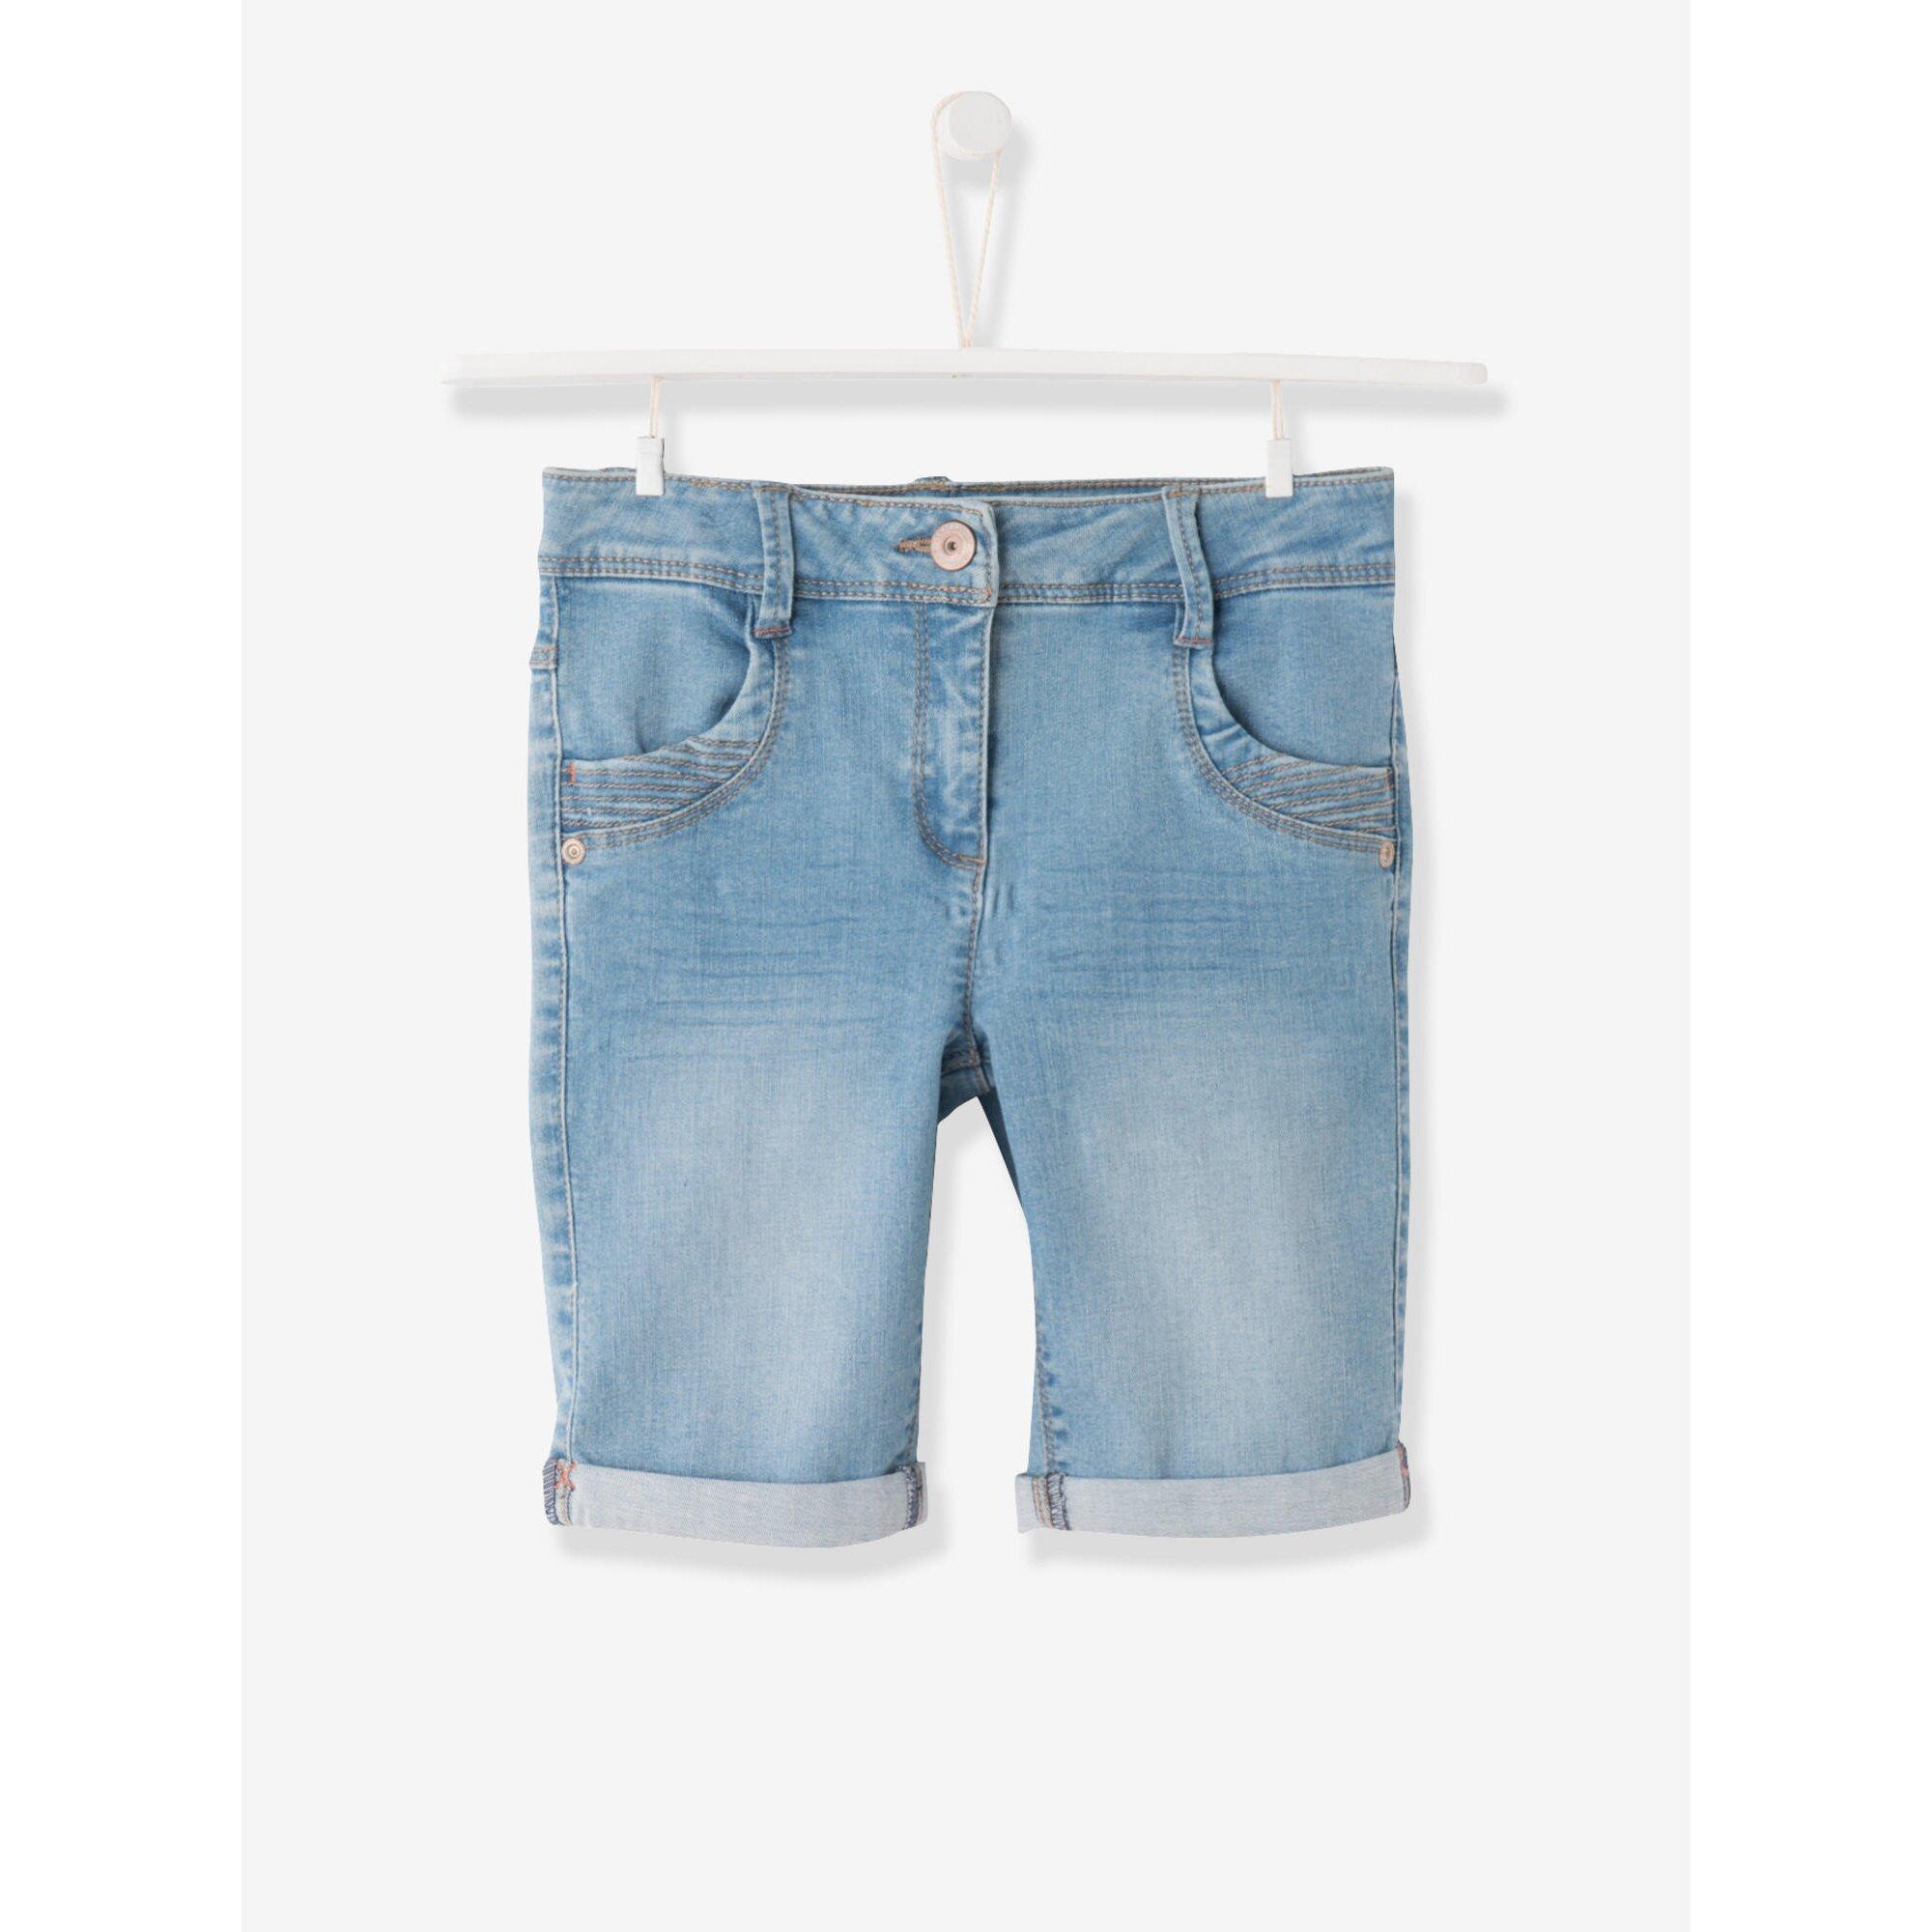 Vertbaudet Jeans-Bermudas für Mädchen